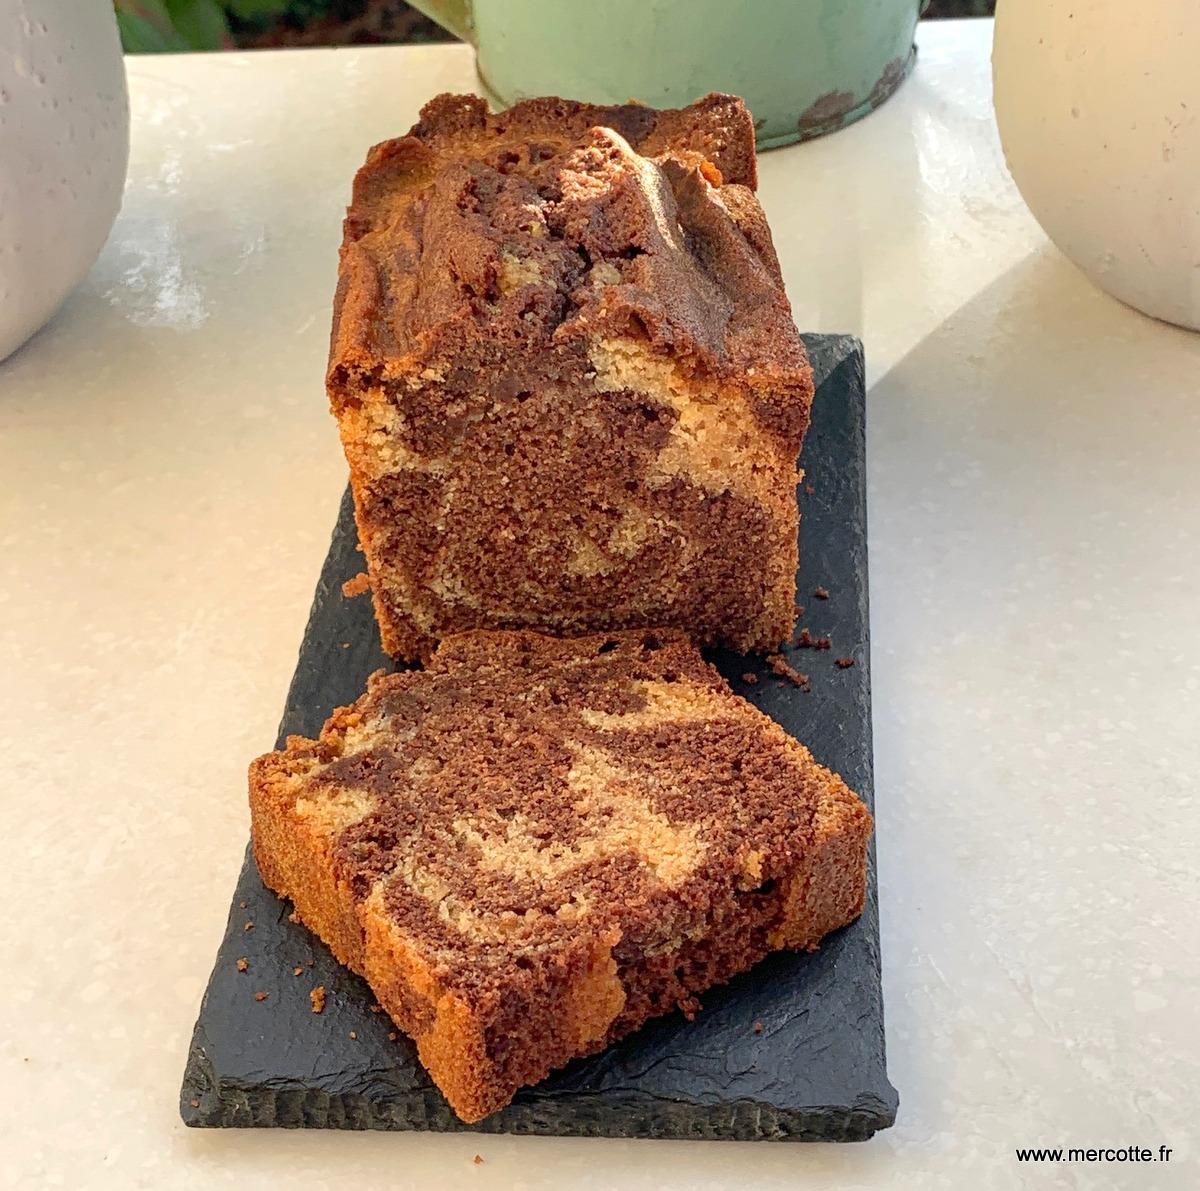 Cake Marbre Version Frederic Bau La Cuisine De Mercotte